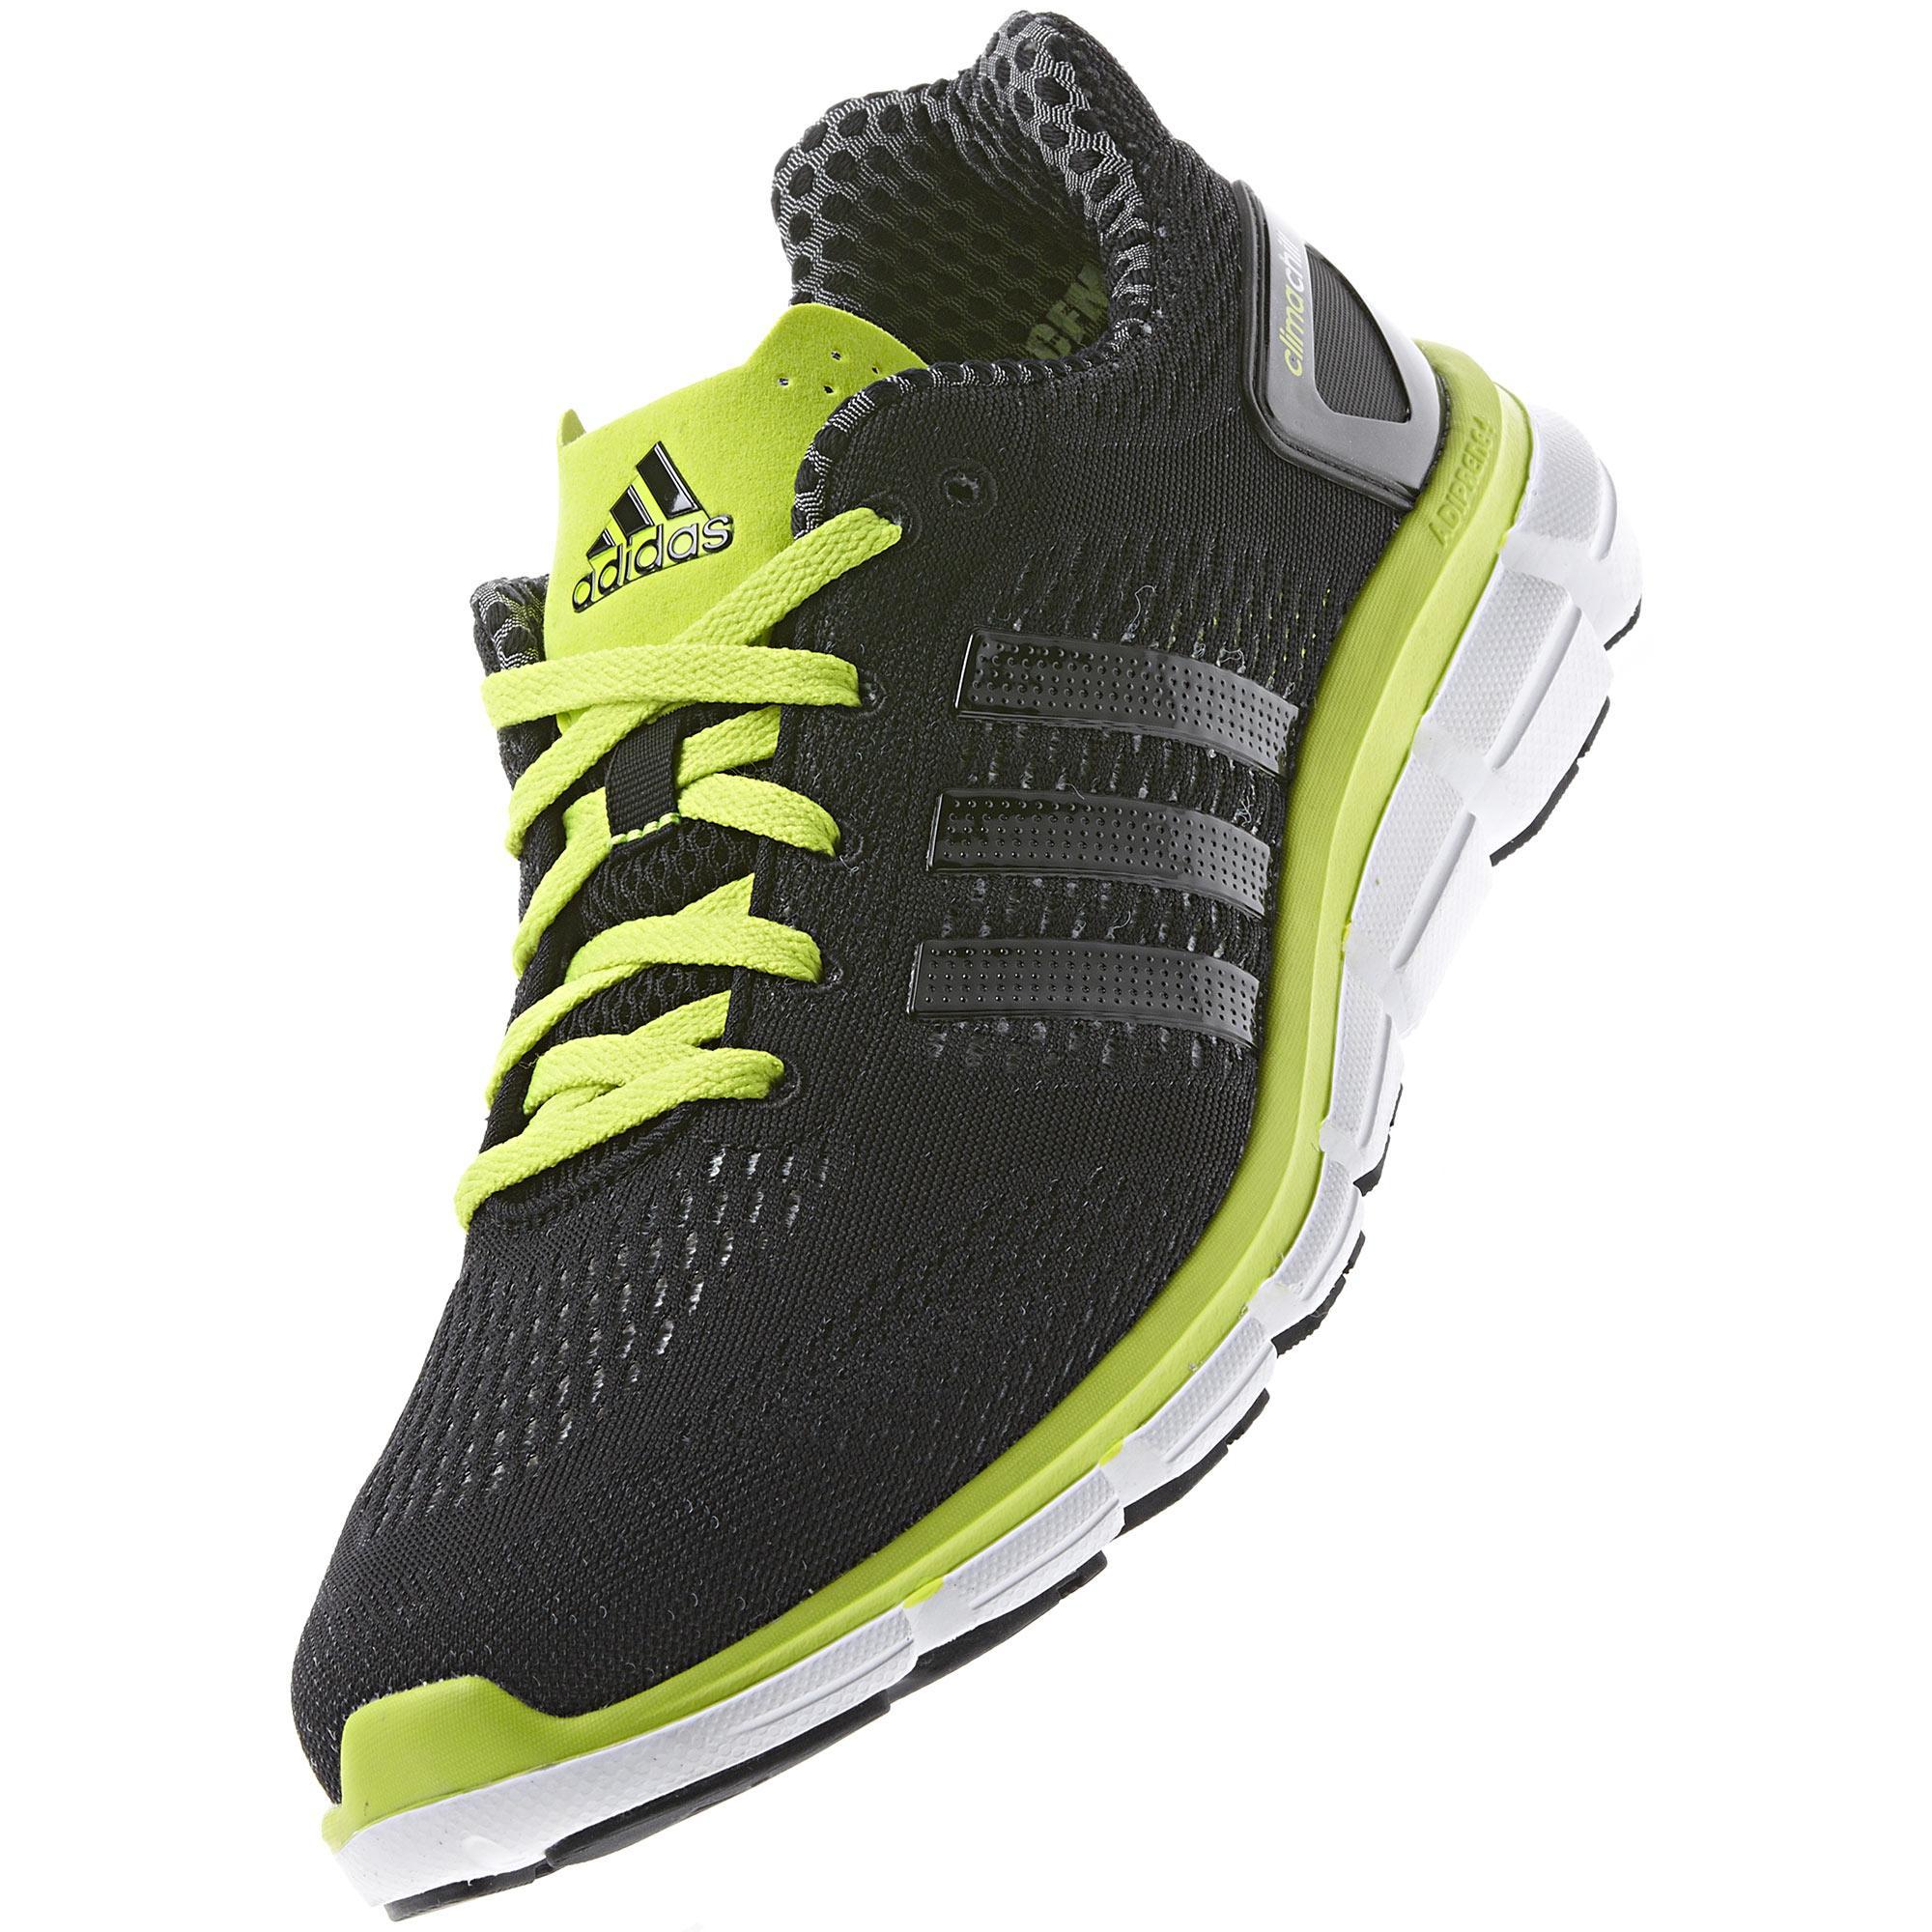 Adidas Uomo Climacool E Passaggio Delle Scarpe Nere E Climacool Solare Melma 773025